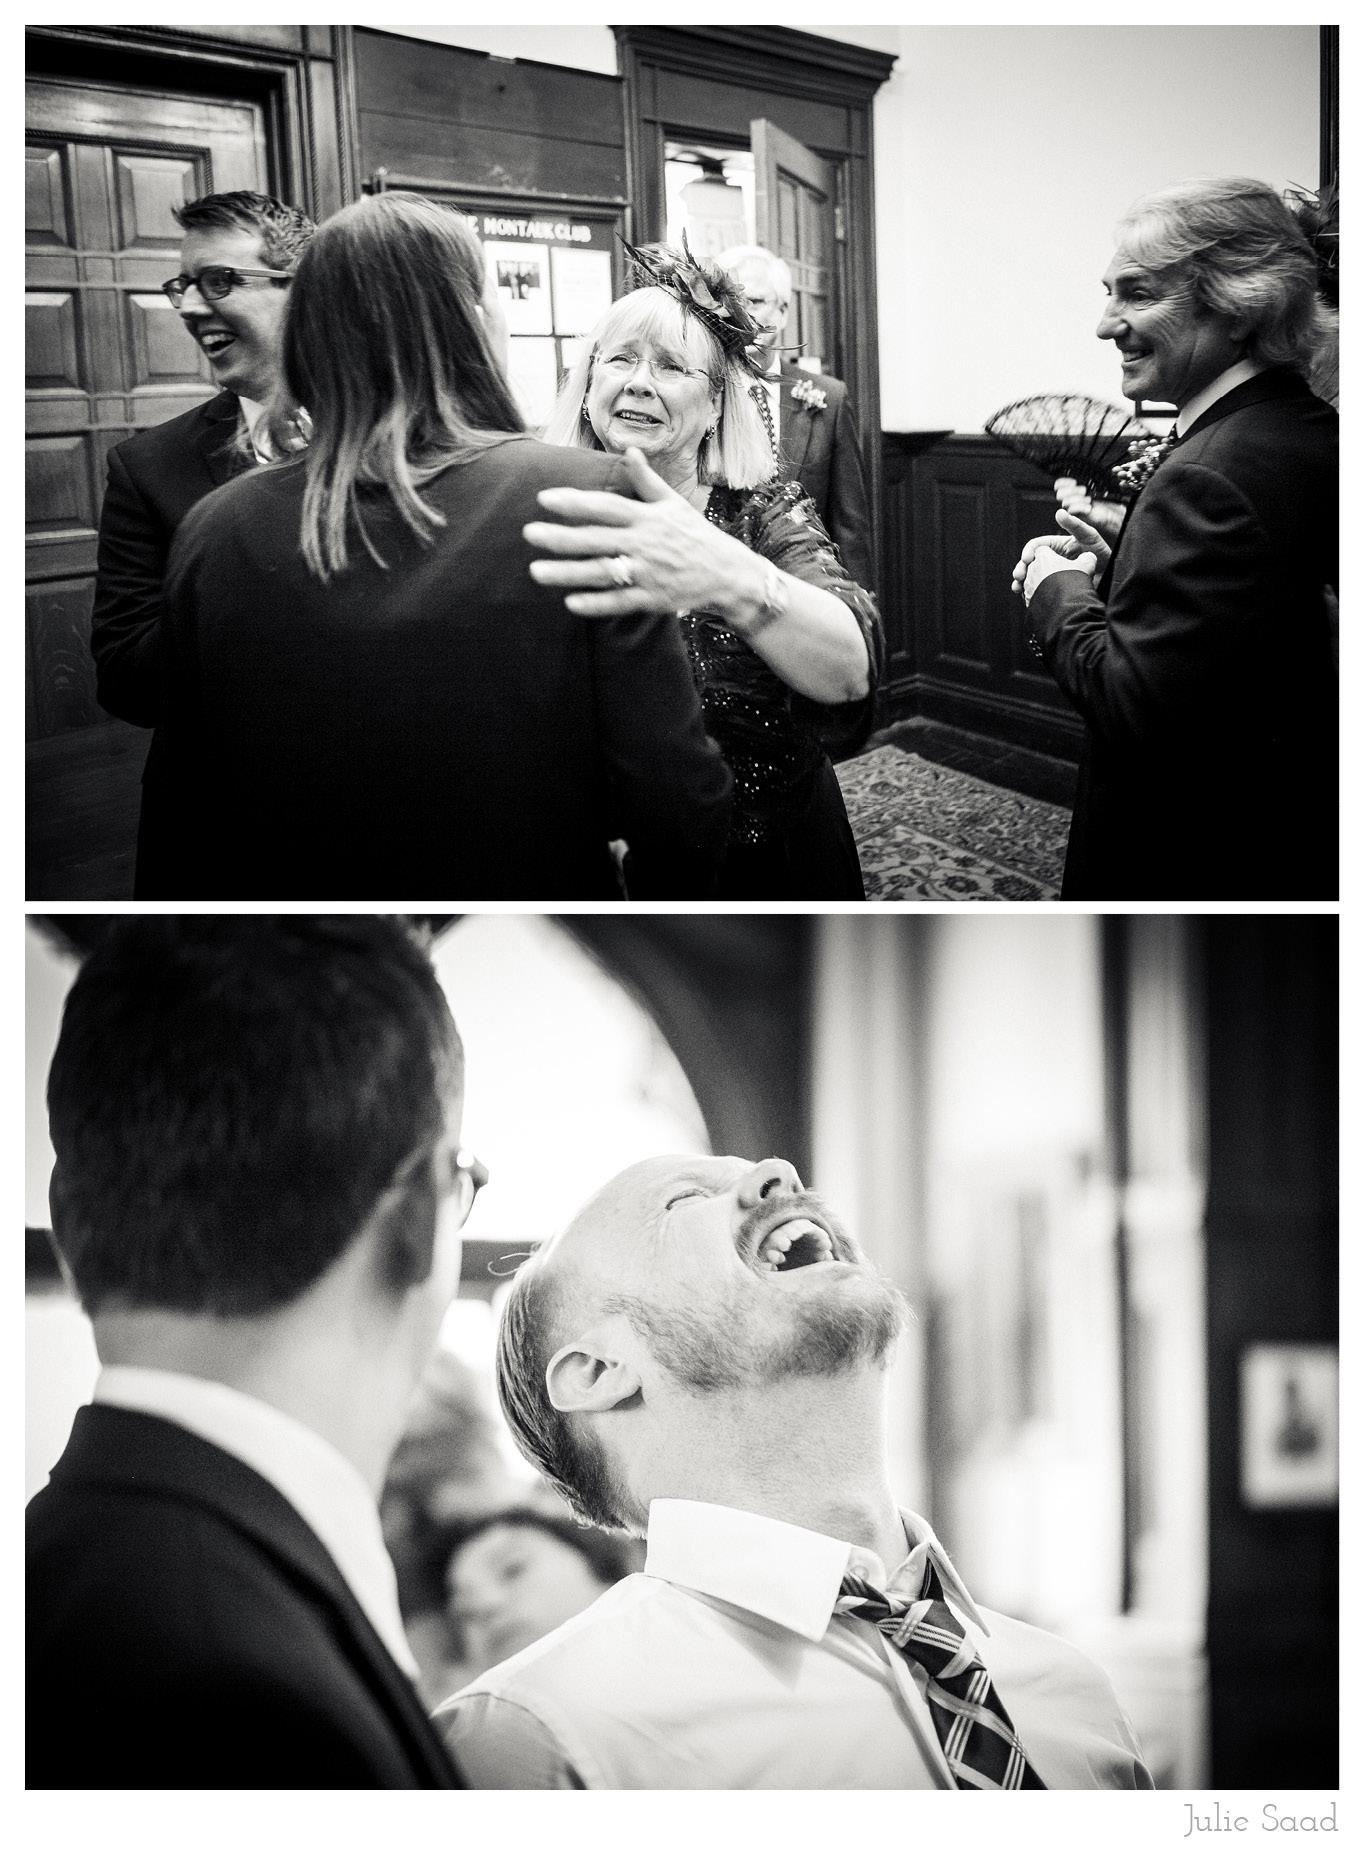 montauk-club-wedding-photographer-brooklyn-saad15.jpg